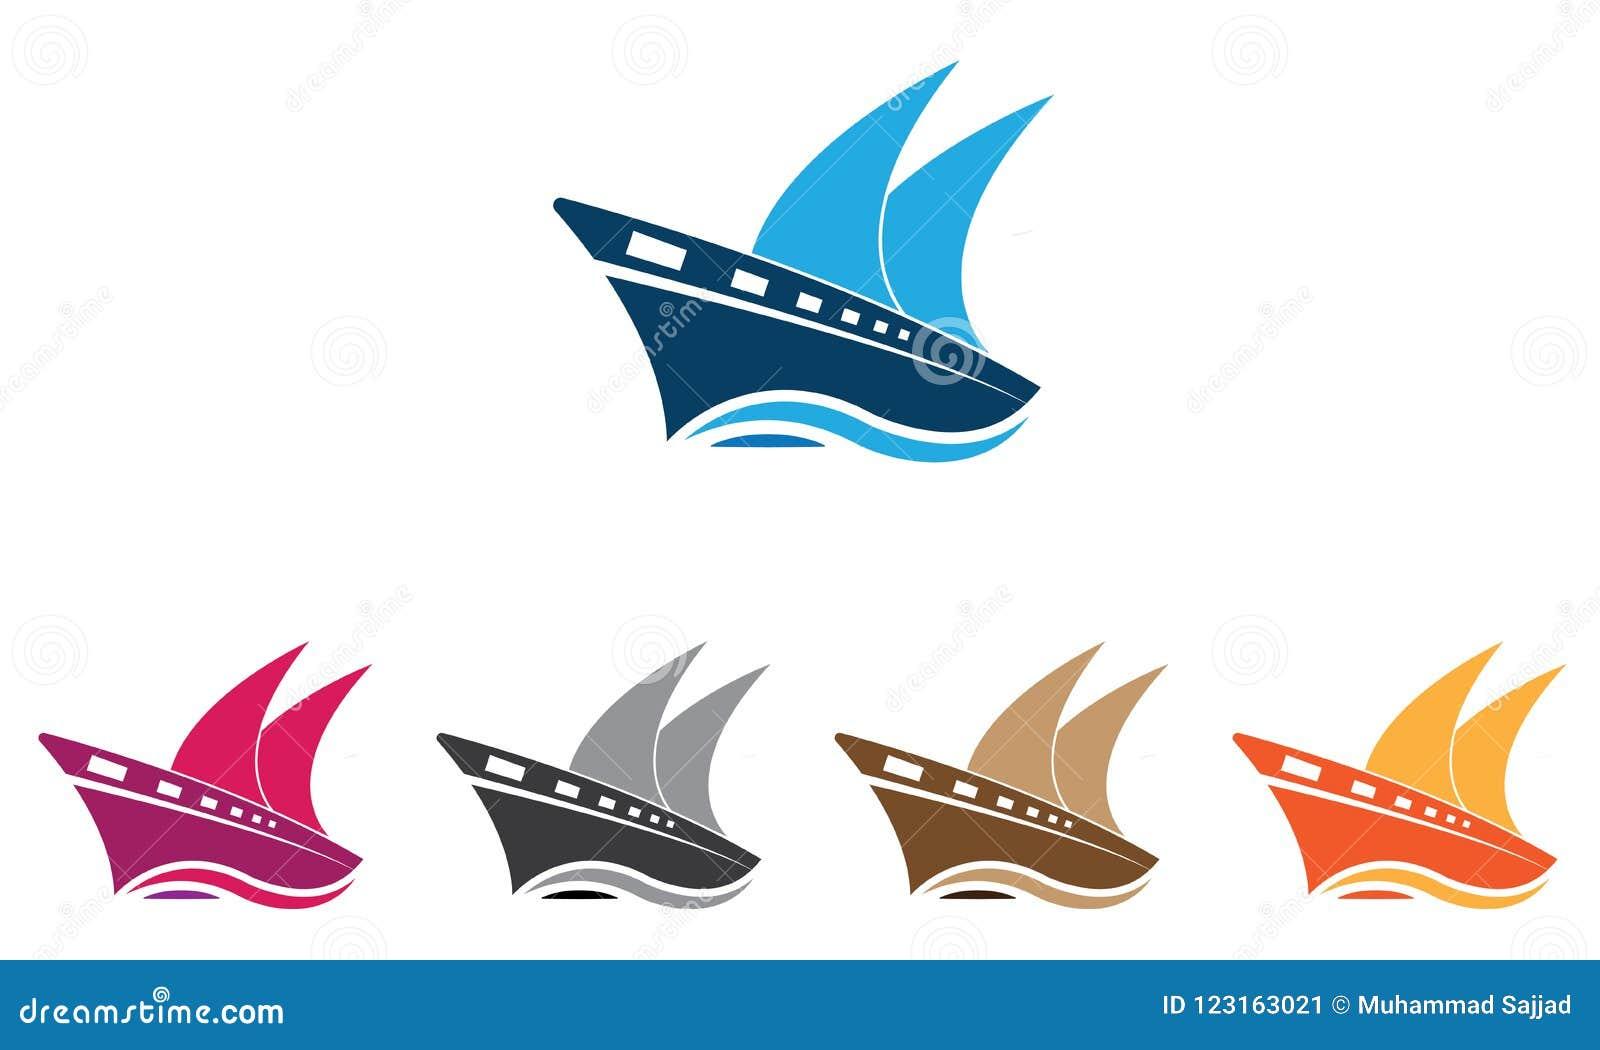 Collection Ship Logo Template - Sailing Boat Logo Template - Ocean Marine Ship Vector